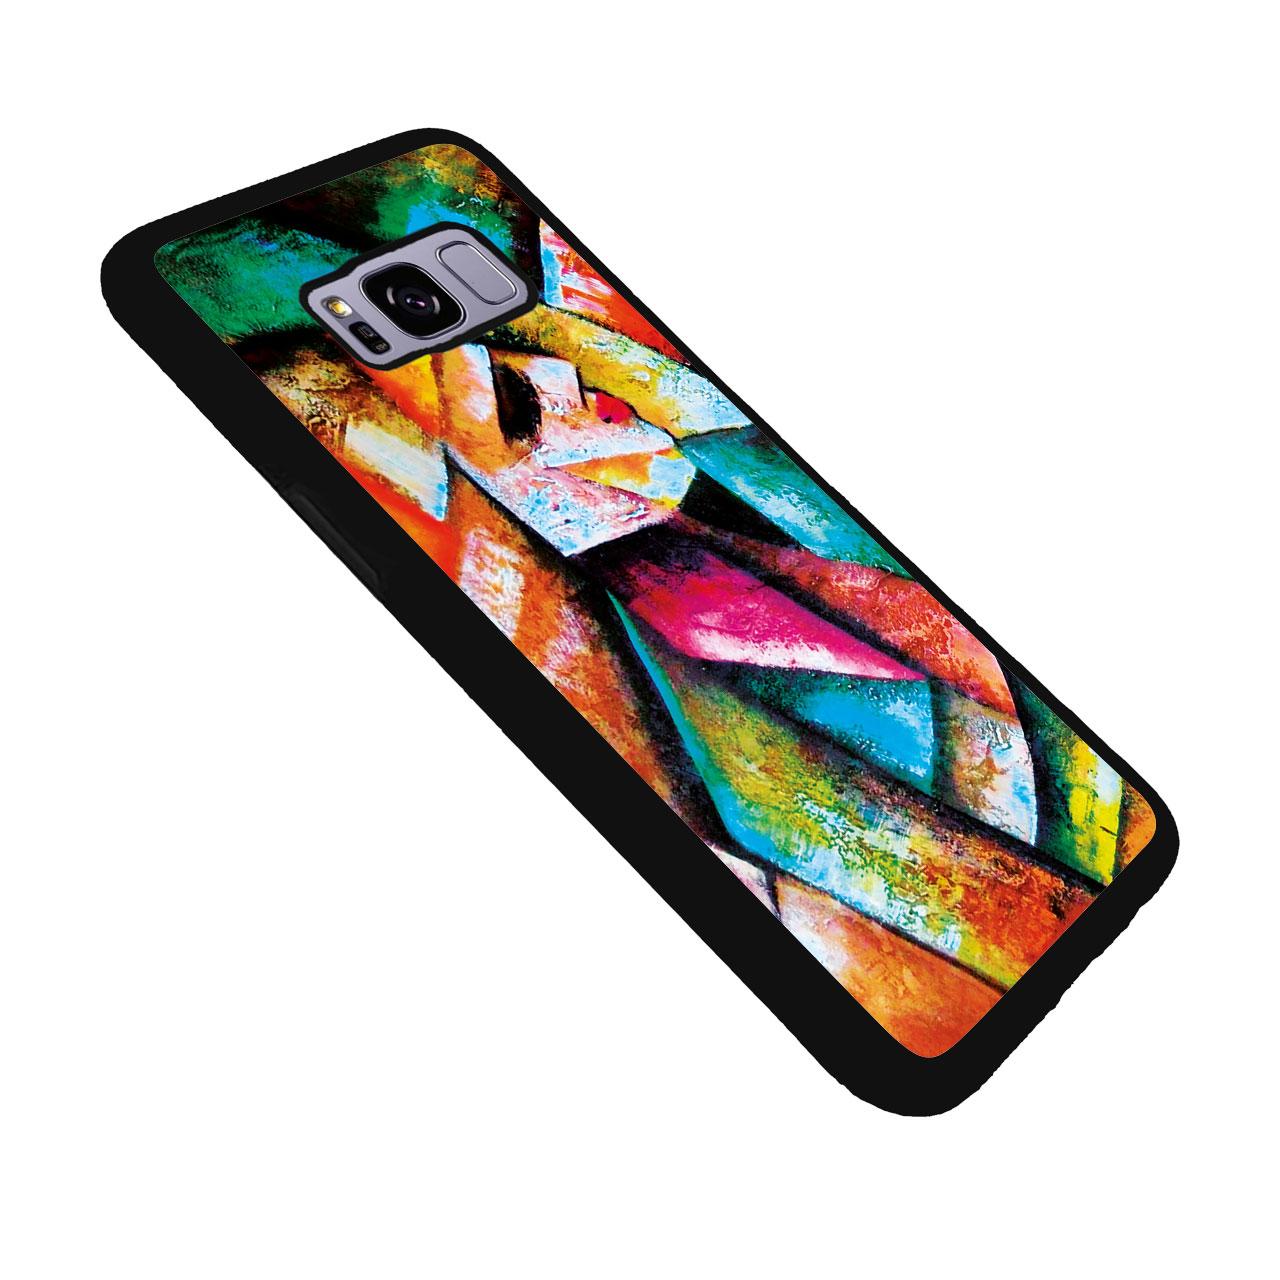 کاور زیزیپ مدل 133G - 2d مناسب برای گوشی موبایل سامسونگ galaxy s8